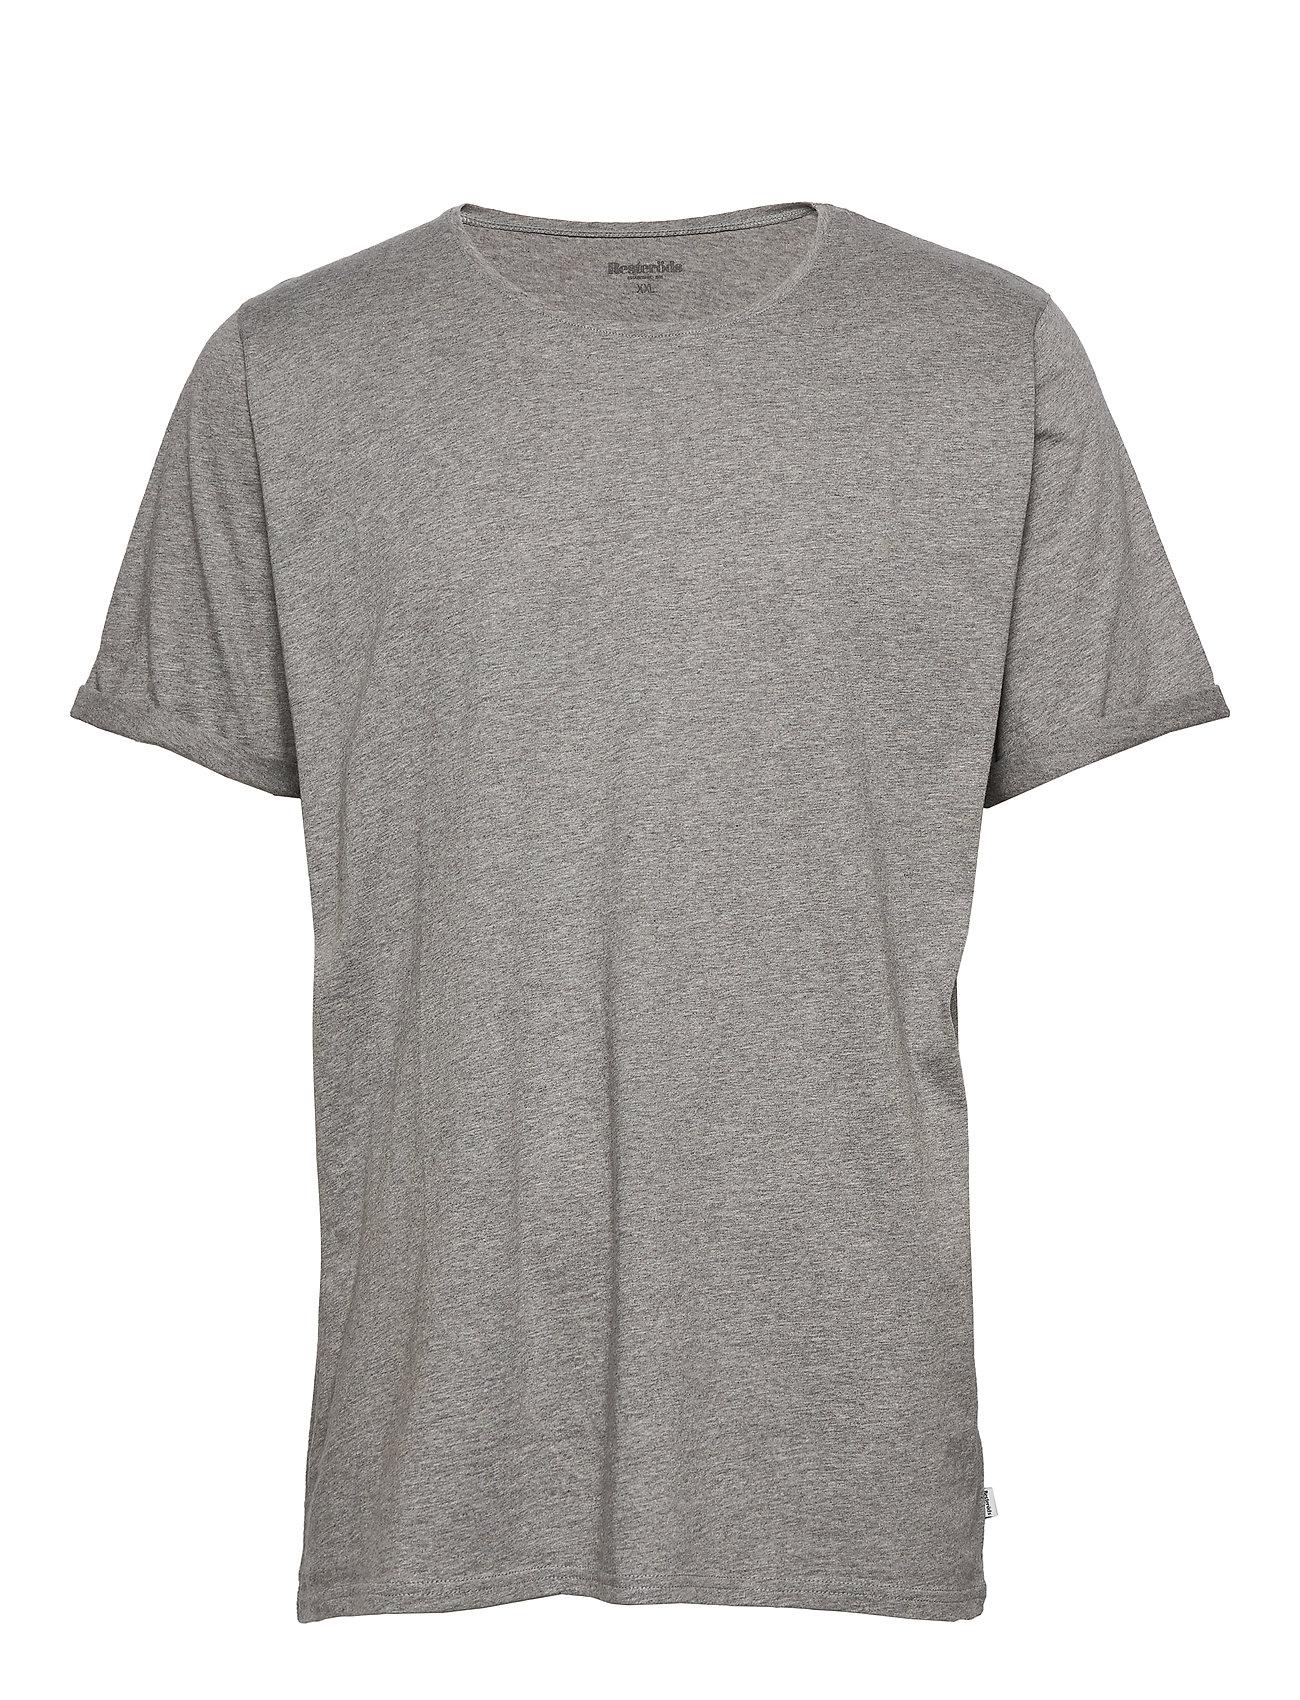 Image of Jimmy Solid T-shirt Grå Resteröds (3378181275)